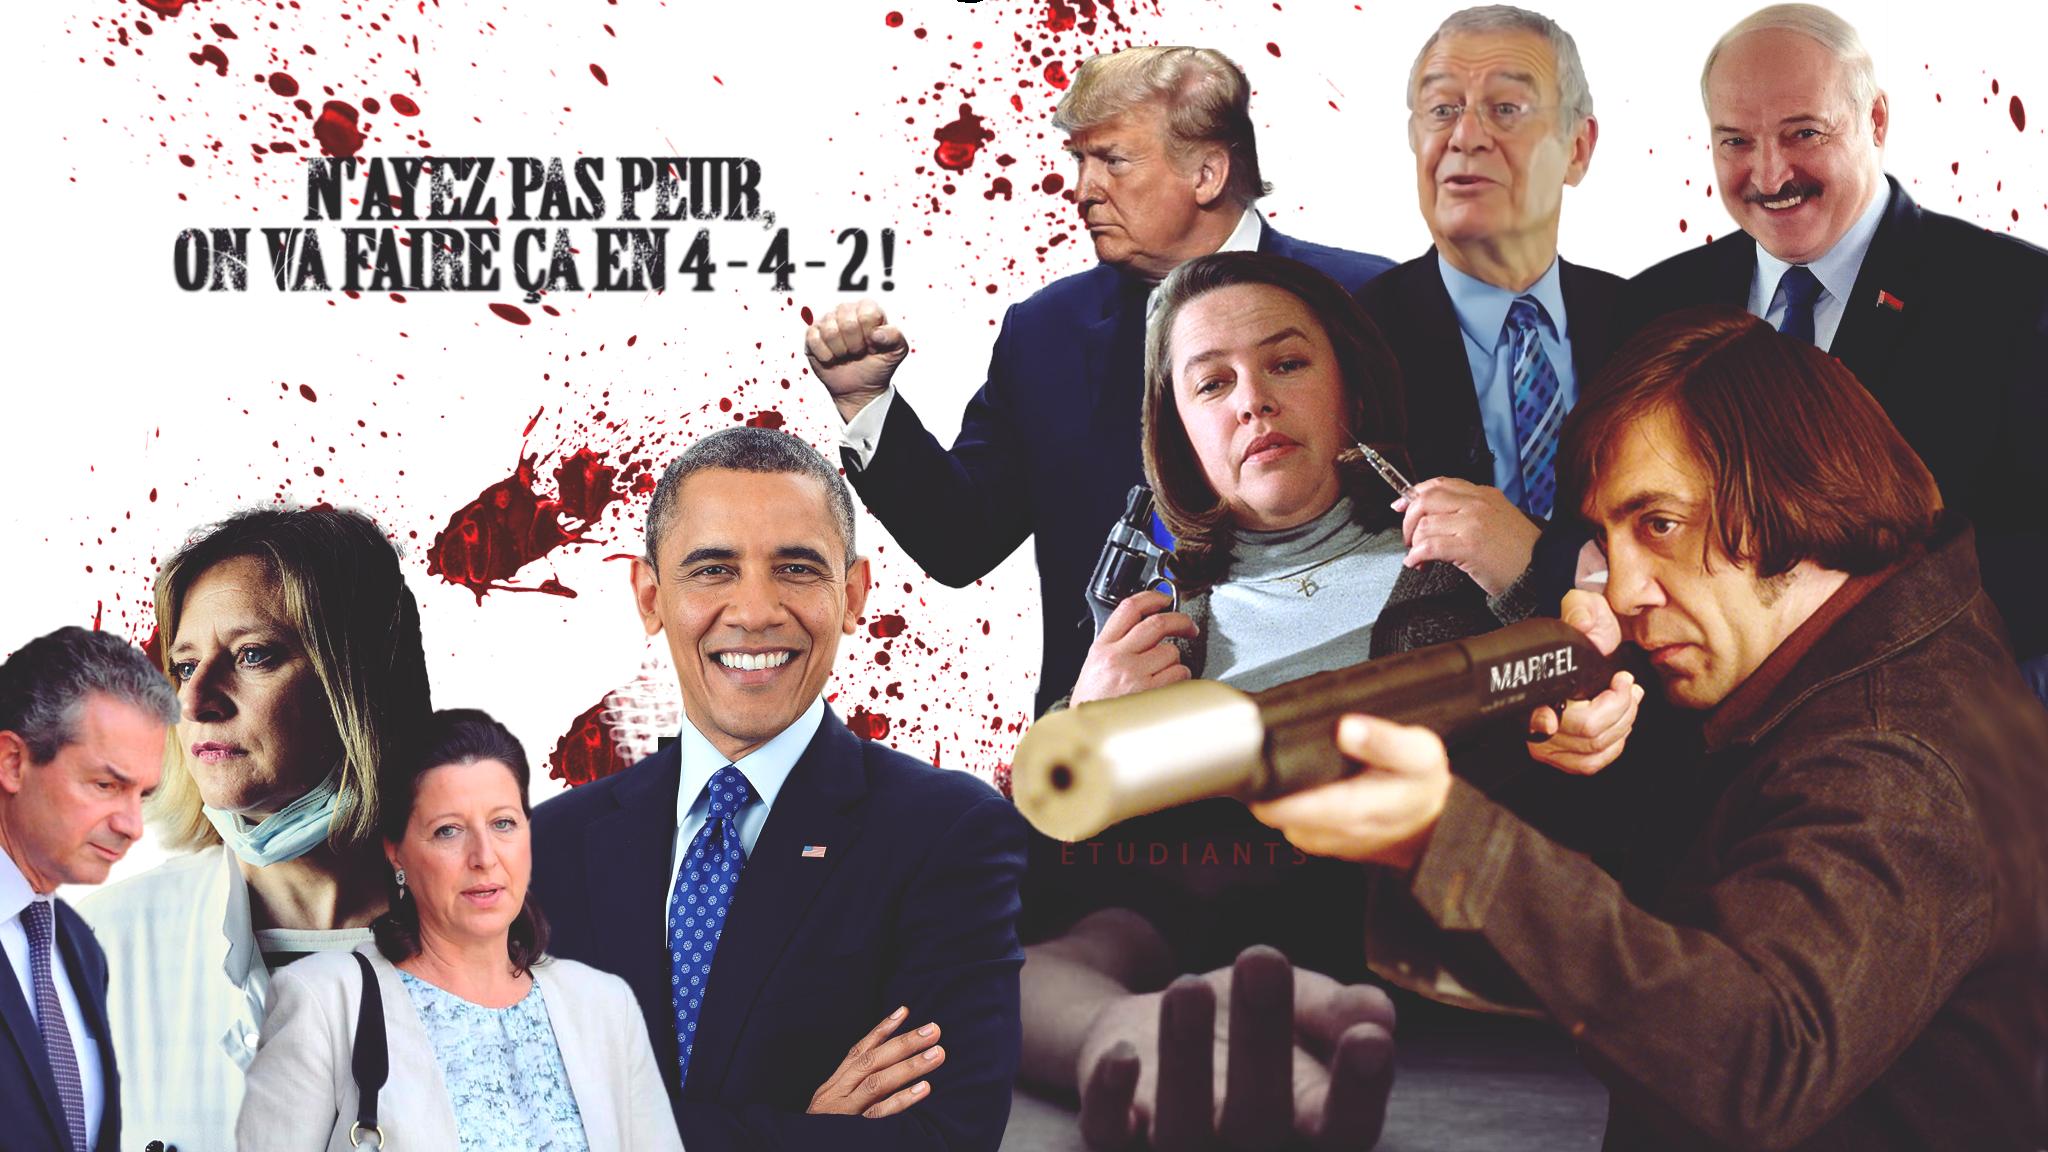 Marcel revient en 4-4-2, tout y passe : Obama, Loukachenko, Karine Lacombe, Fourtillan, les étudiants…